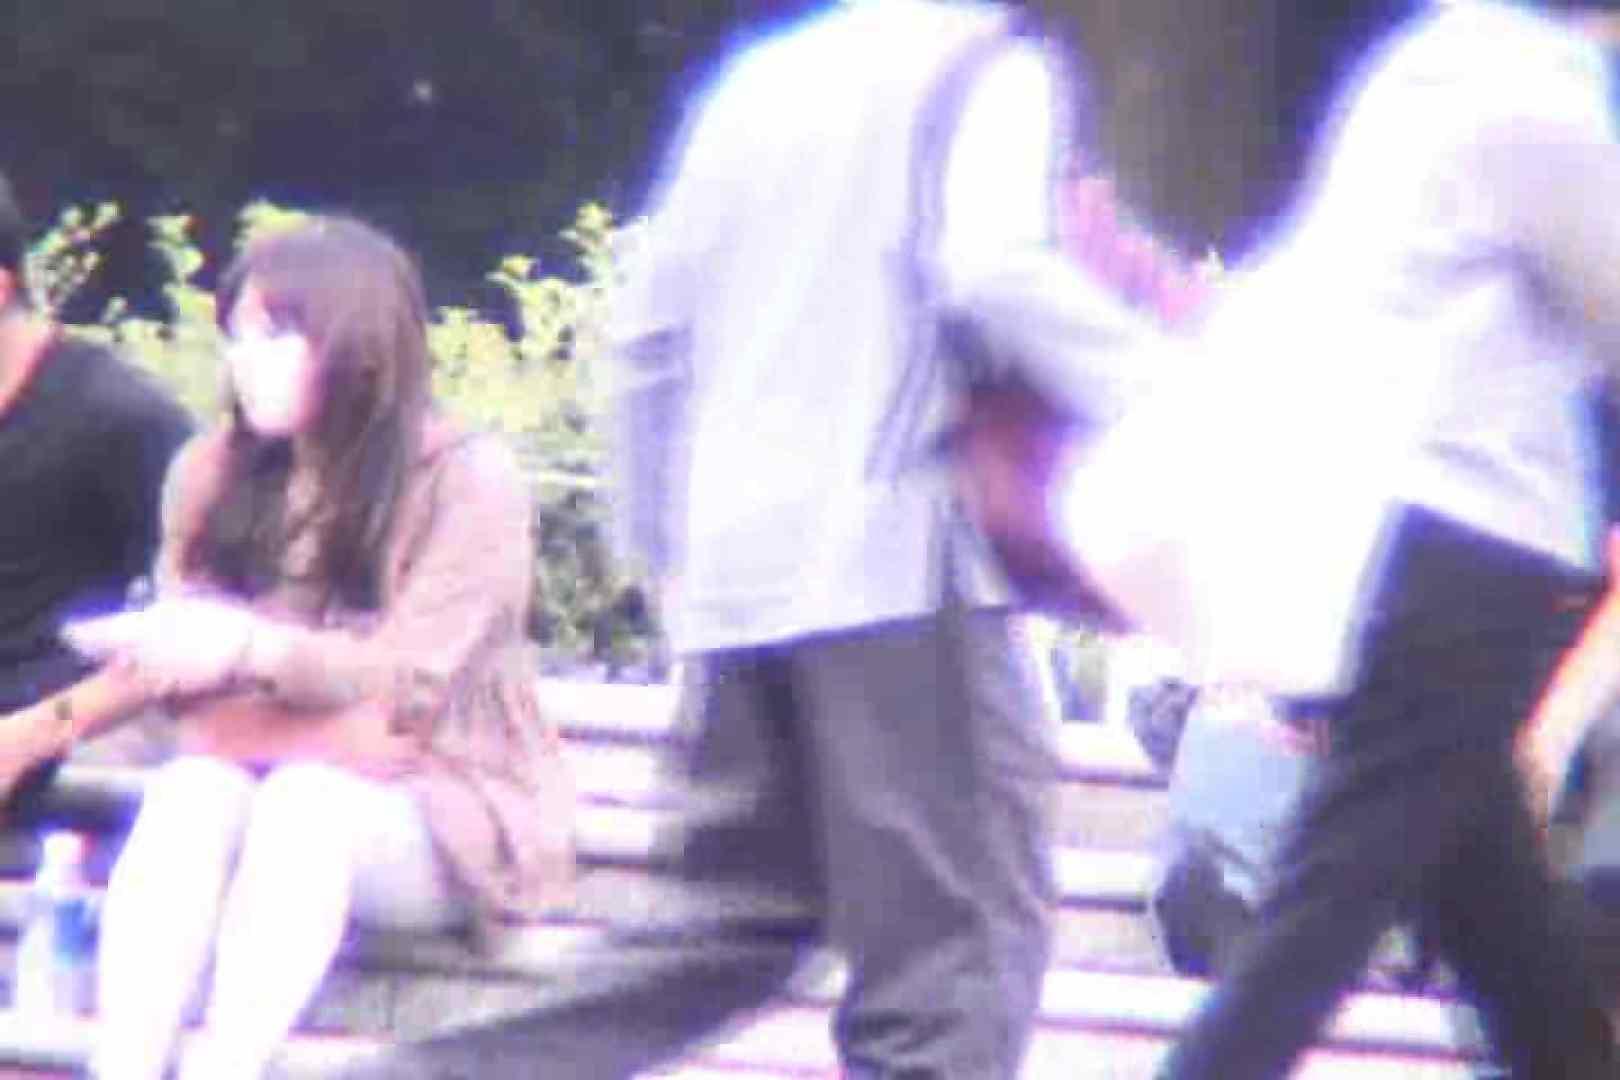 超最新版!春夏秋冬 vol.04 オマタ | ビッチなギャル  64pic 38